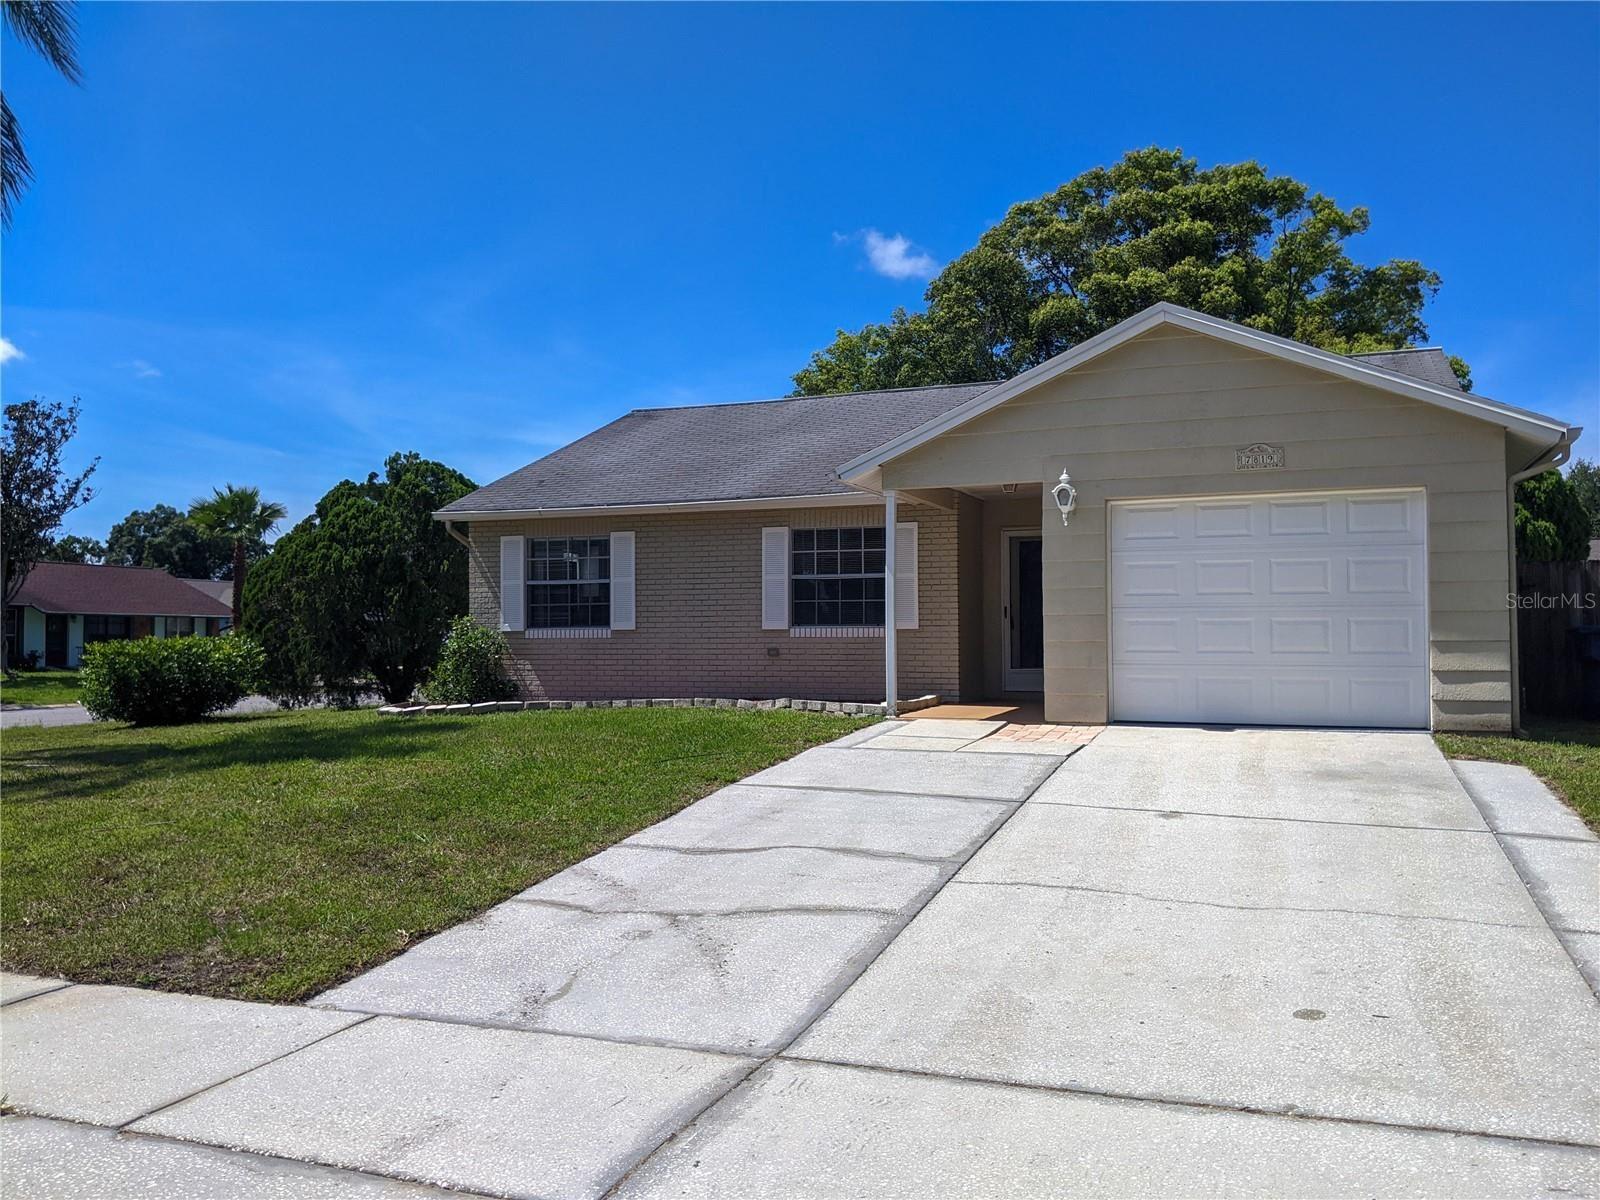 7819 ADELAIDE LOOP, New Port Richey, FL 34655 - MLS#: T3320145